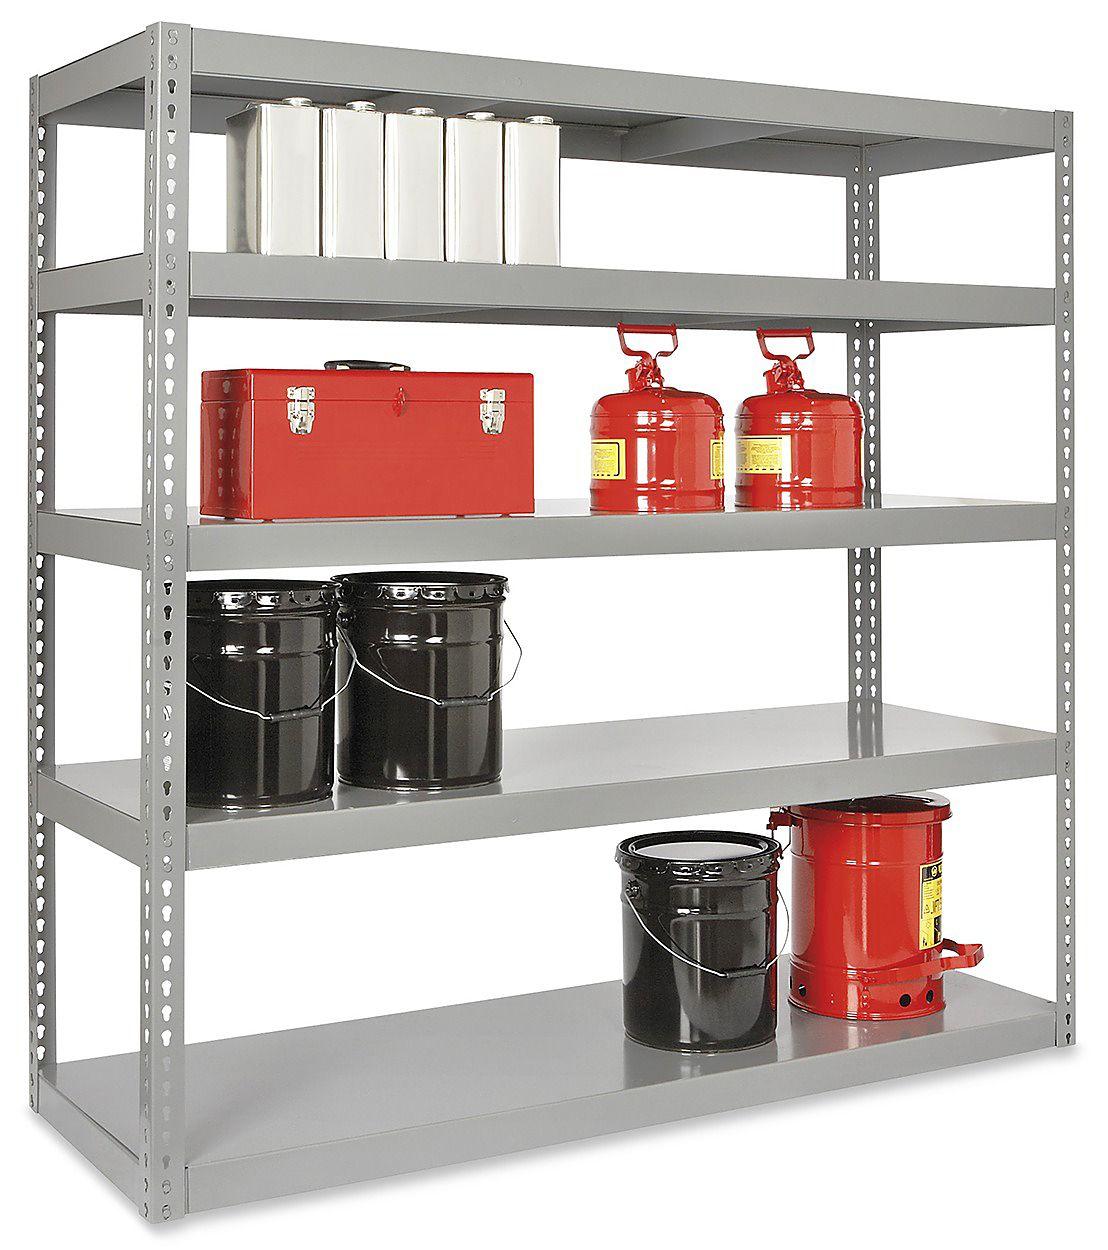 Shelving and Storage Racks